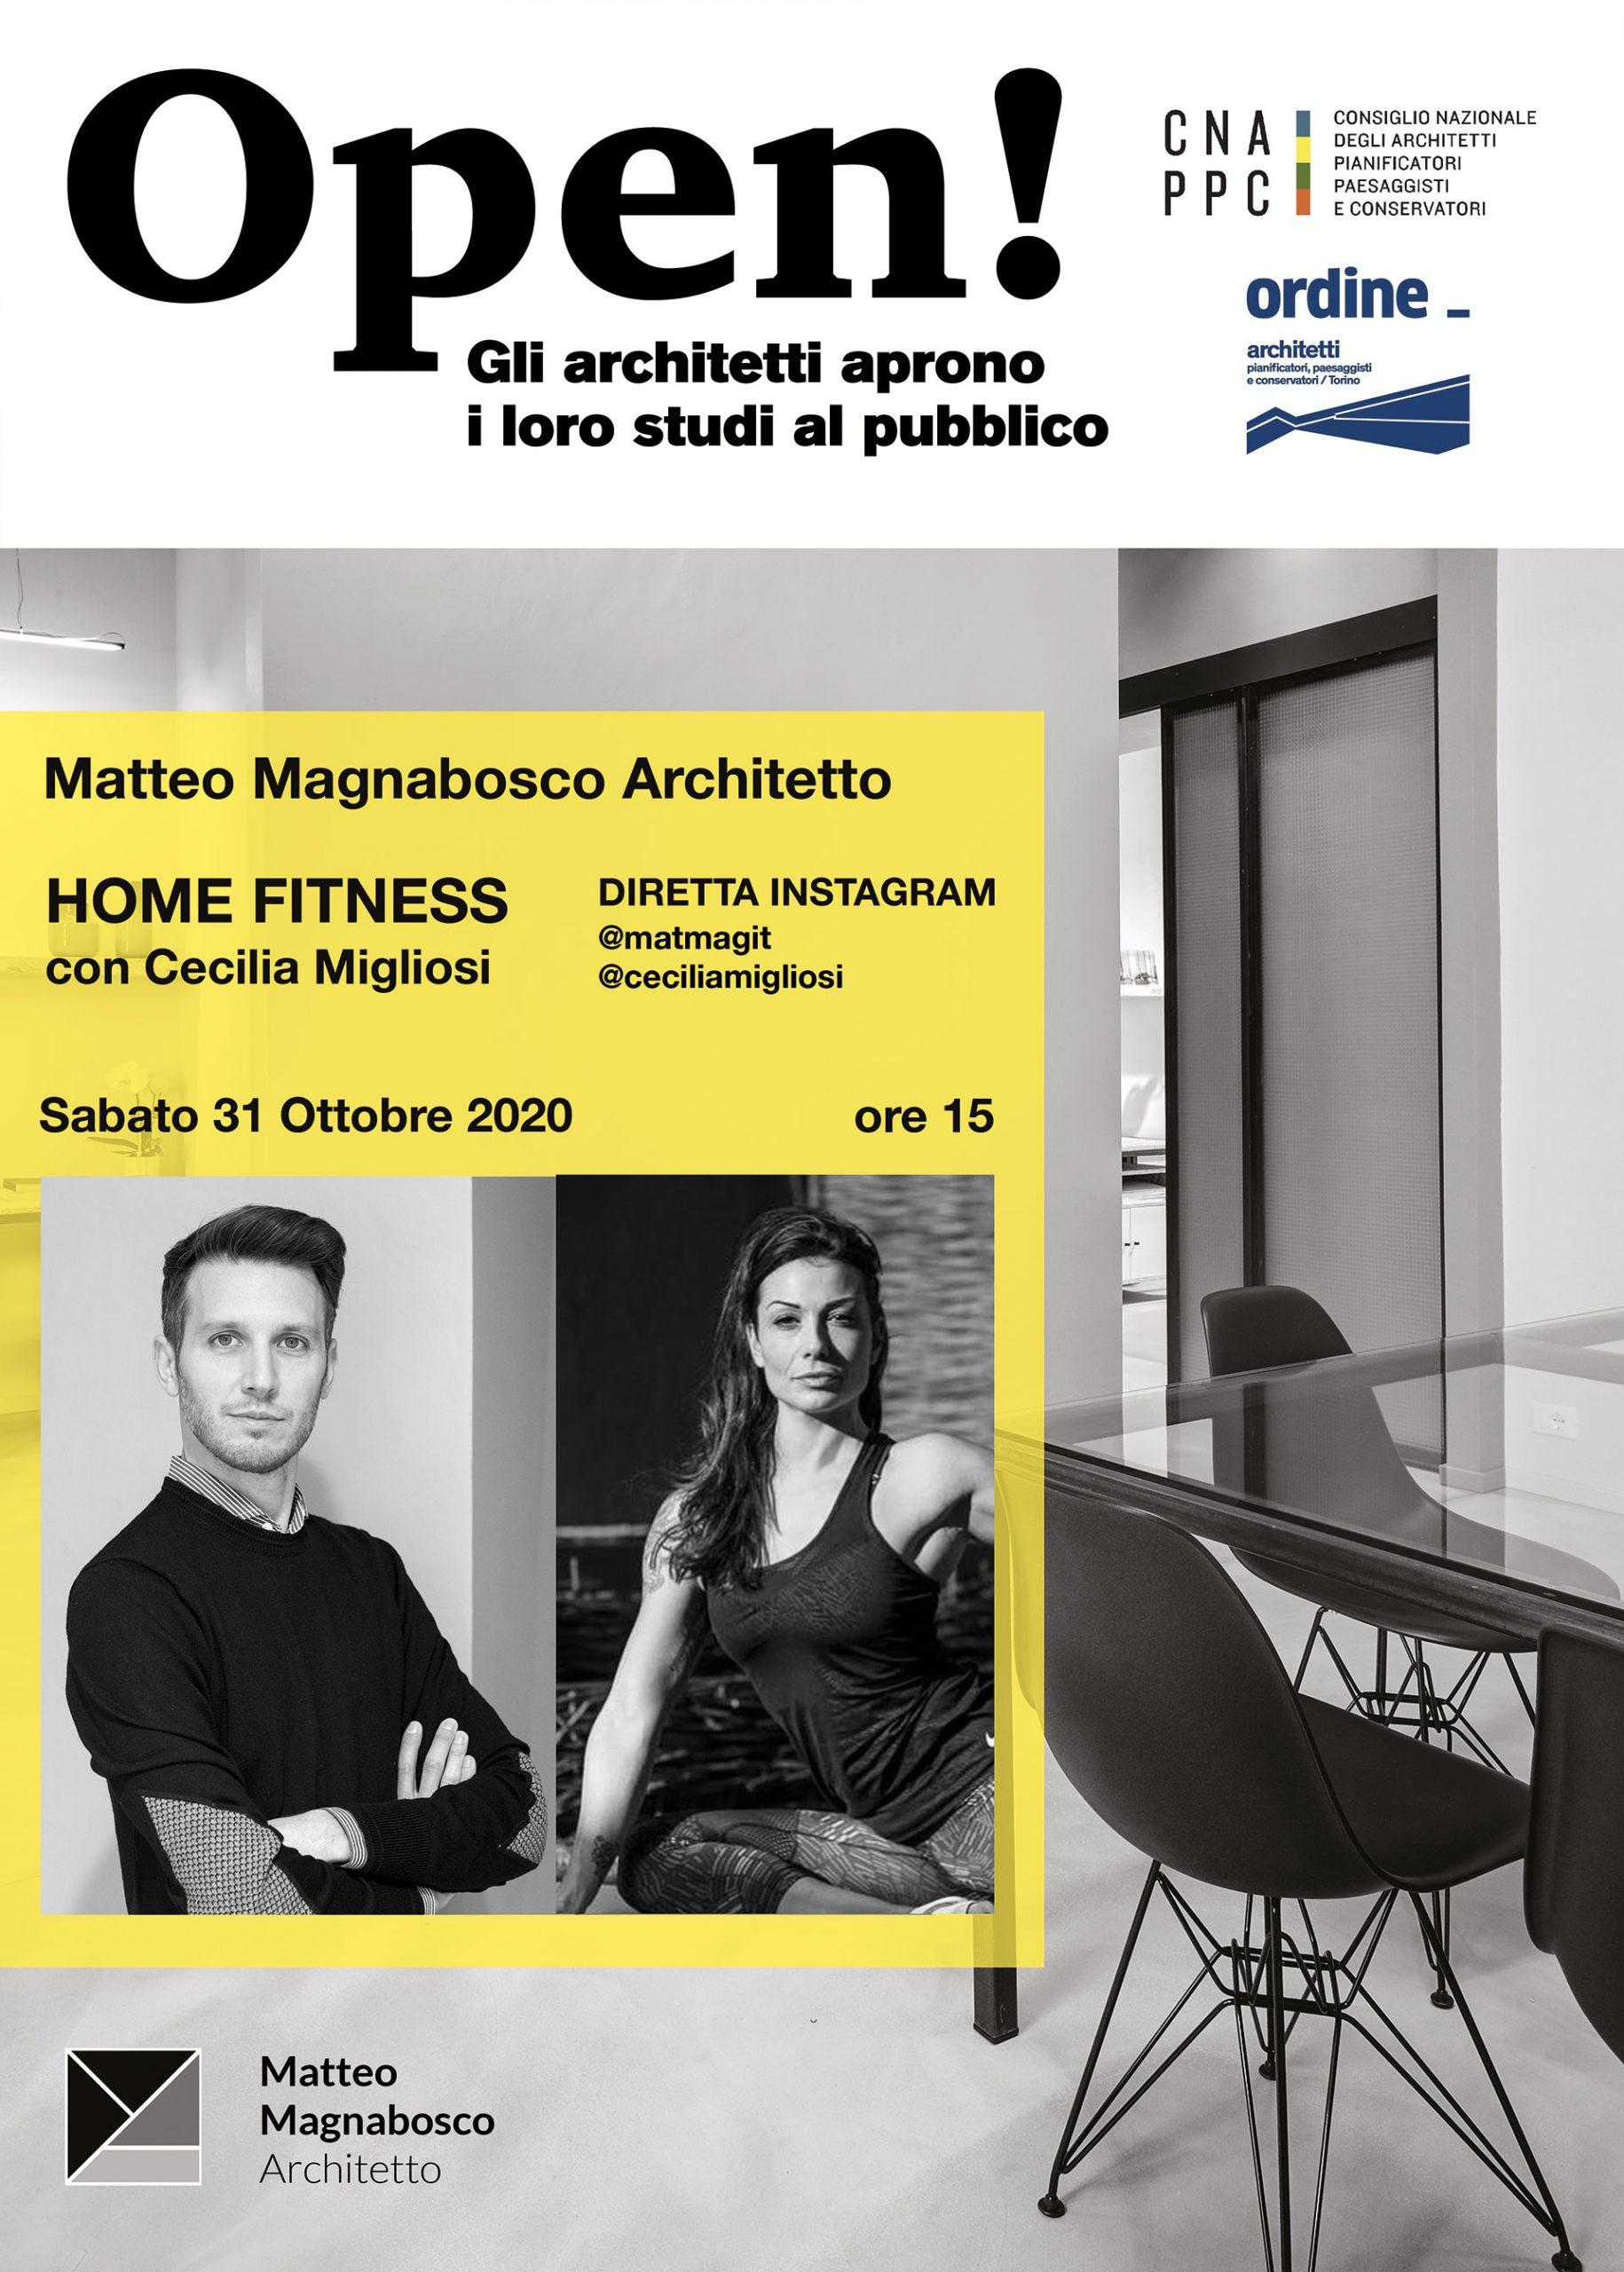 foto studio di architettura con foto dell'architetto e dell'ospite